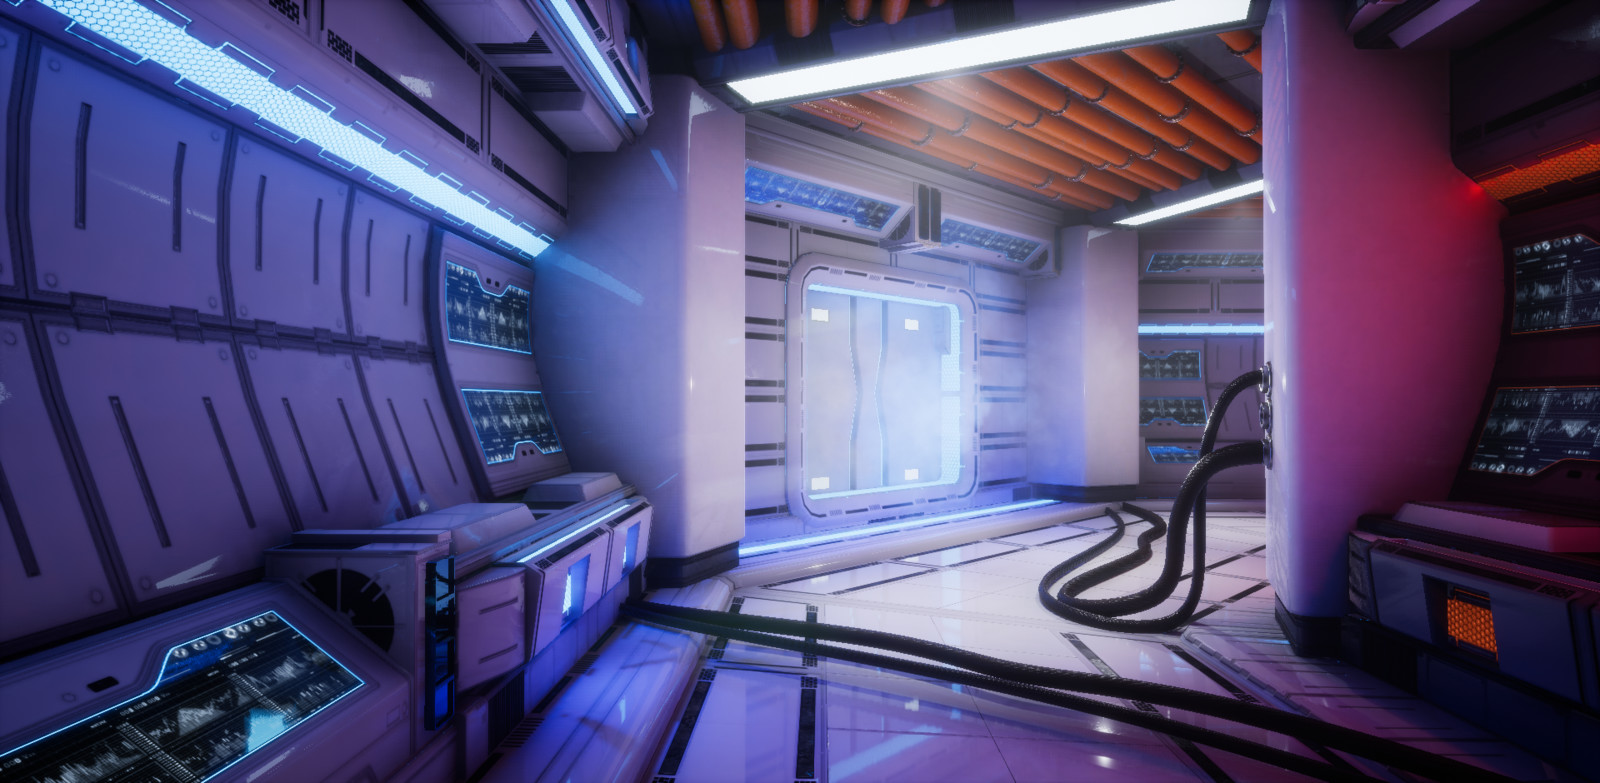 VR Sci Fi Hub (1 Material)